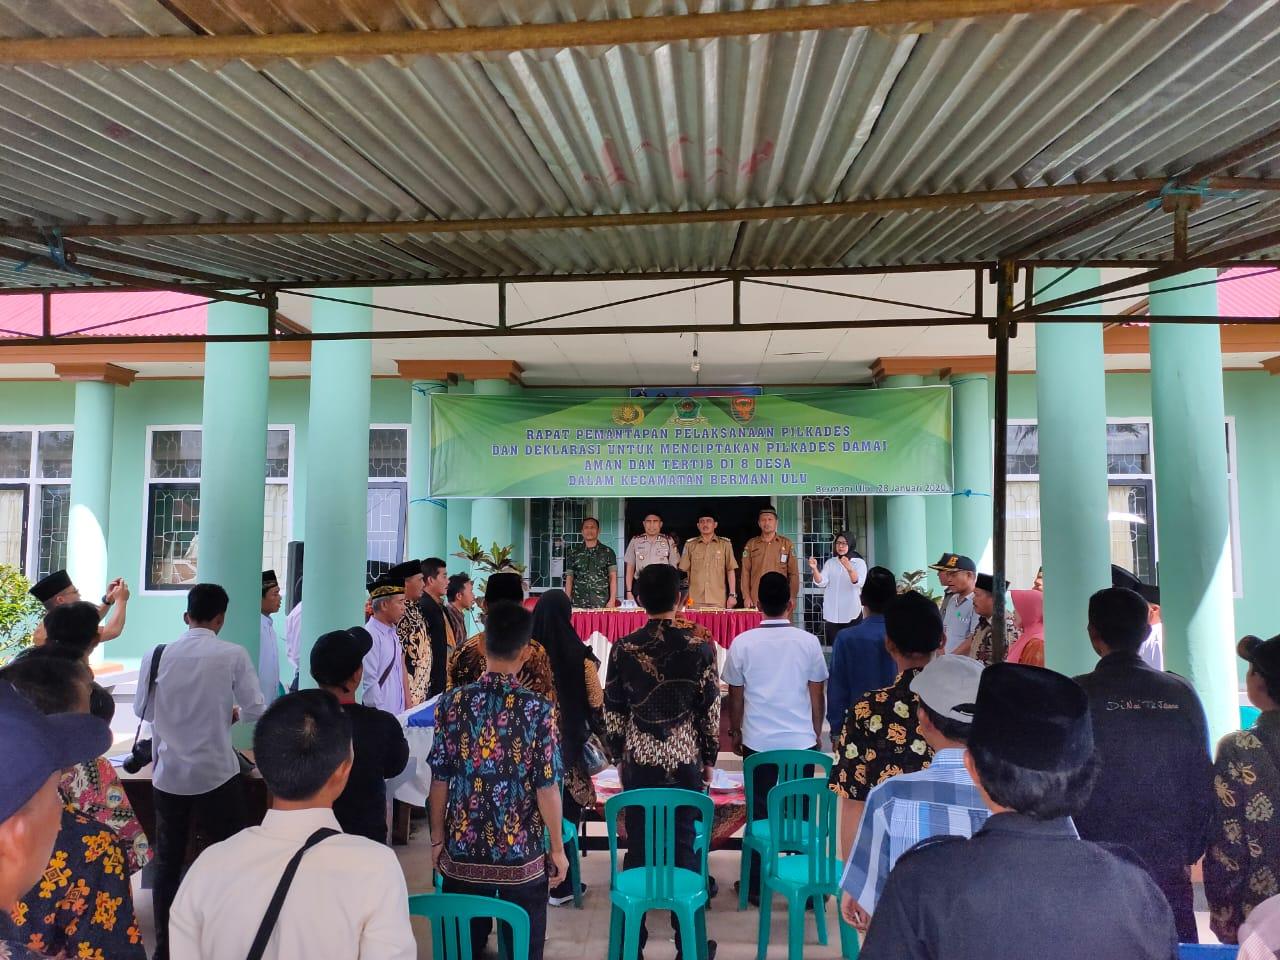 Rapat dan Deklarasi Bersama Ciptakan Pilkades Damai di Kecamatan Bermani Ulu